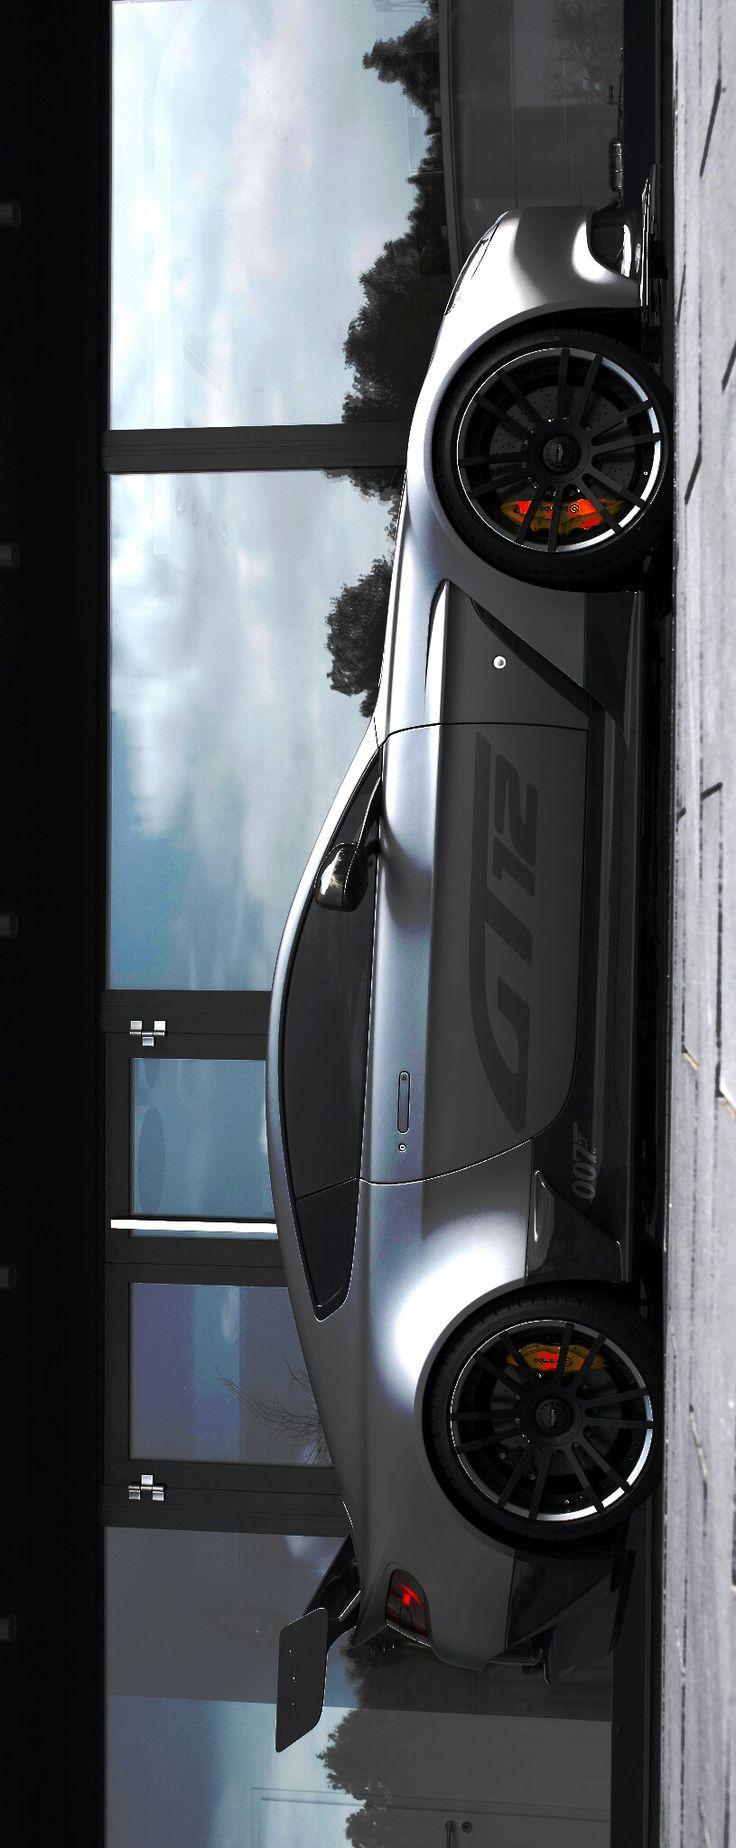 (°!°) 2016 Wheelsandmore Aston Martin Vantage GT12